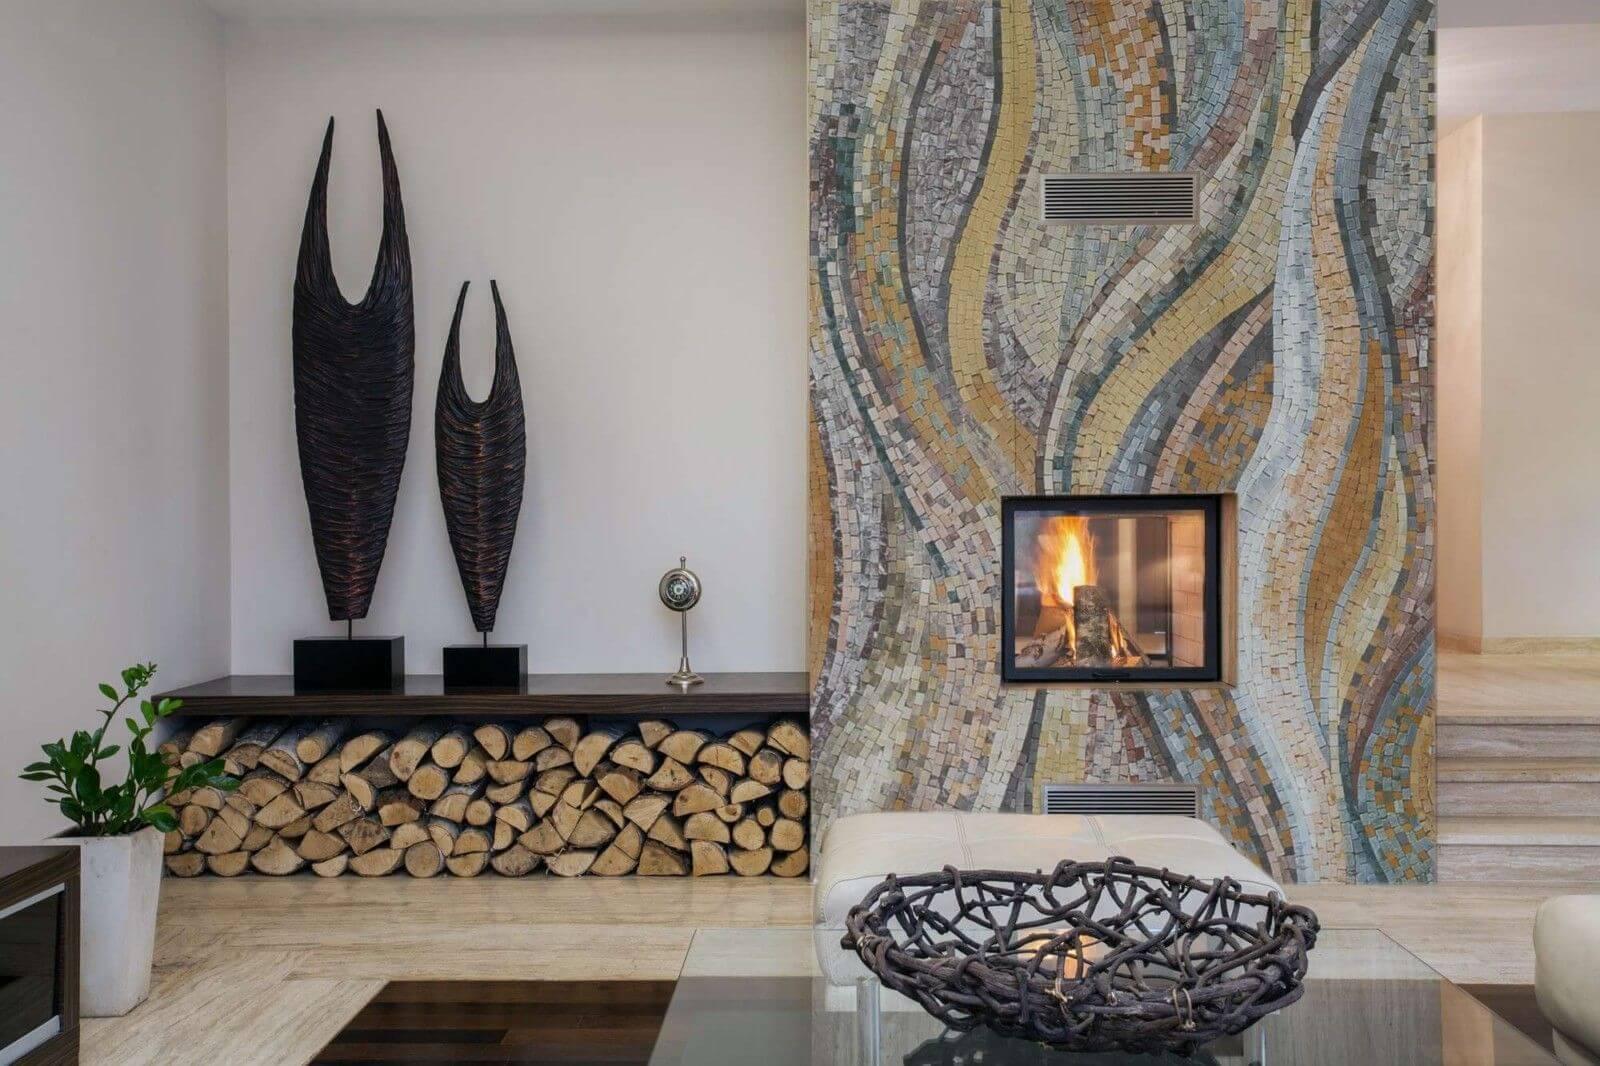 Мозаика из битой плитки своими руками: орнамент, схемы, техника + фото и видео